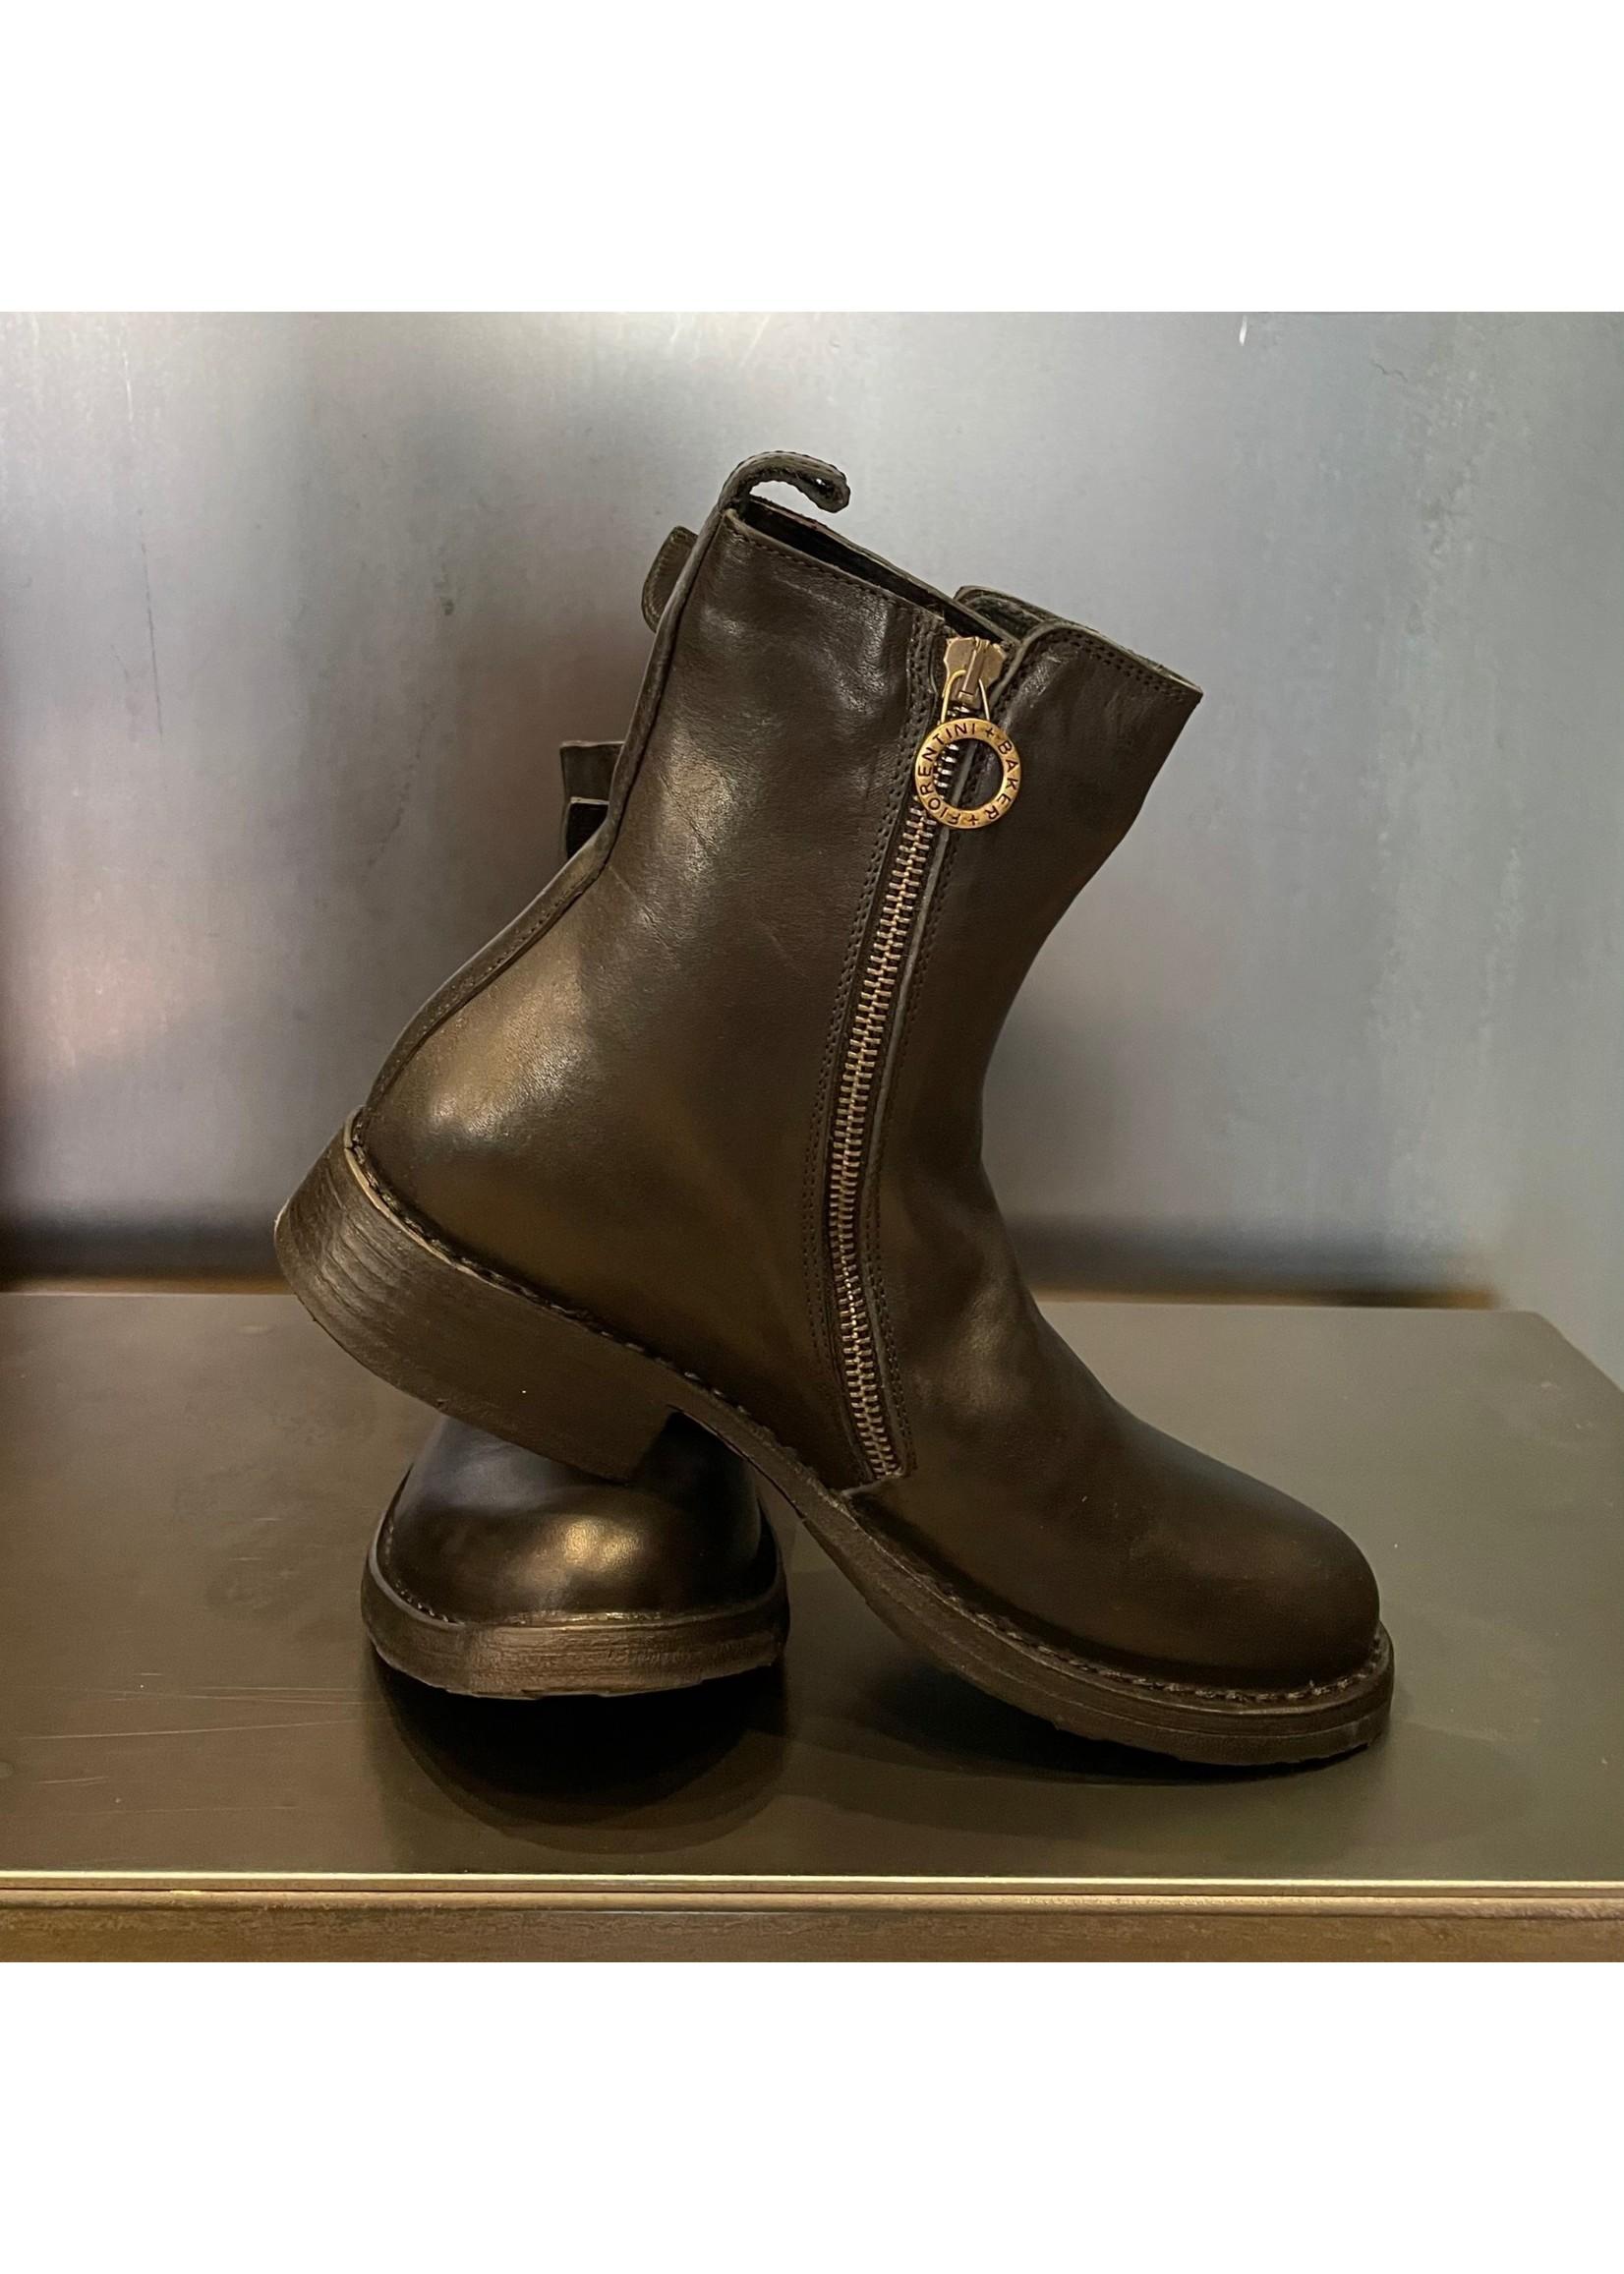 Fiorentini + Baker Fiorentini + Baker Erna 3 Buckle Boot